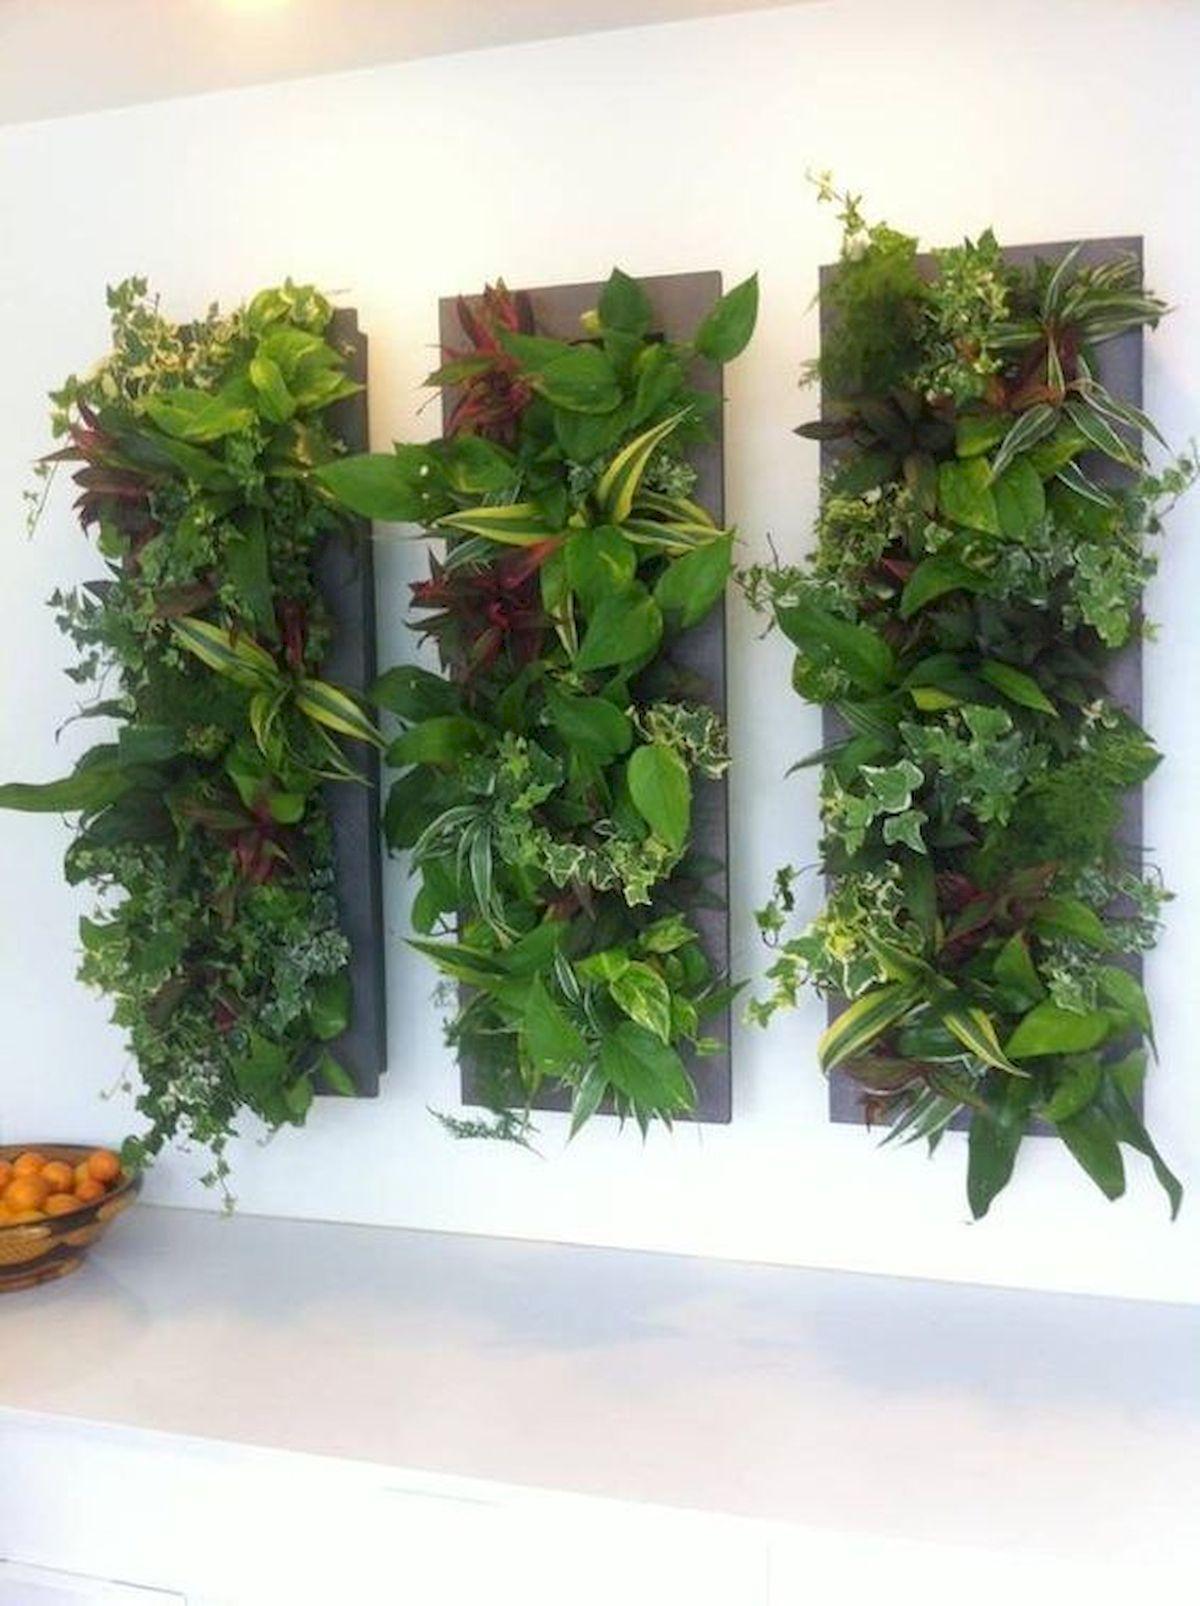 44 Creative DIY Vertical Garden Ideas To Make Your Home Beautiful (35)